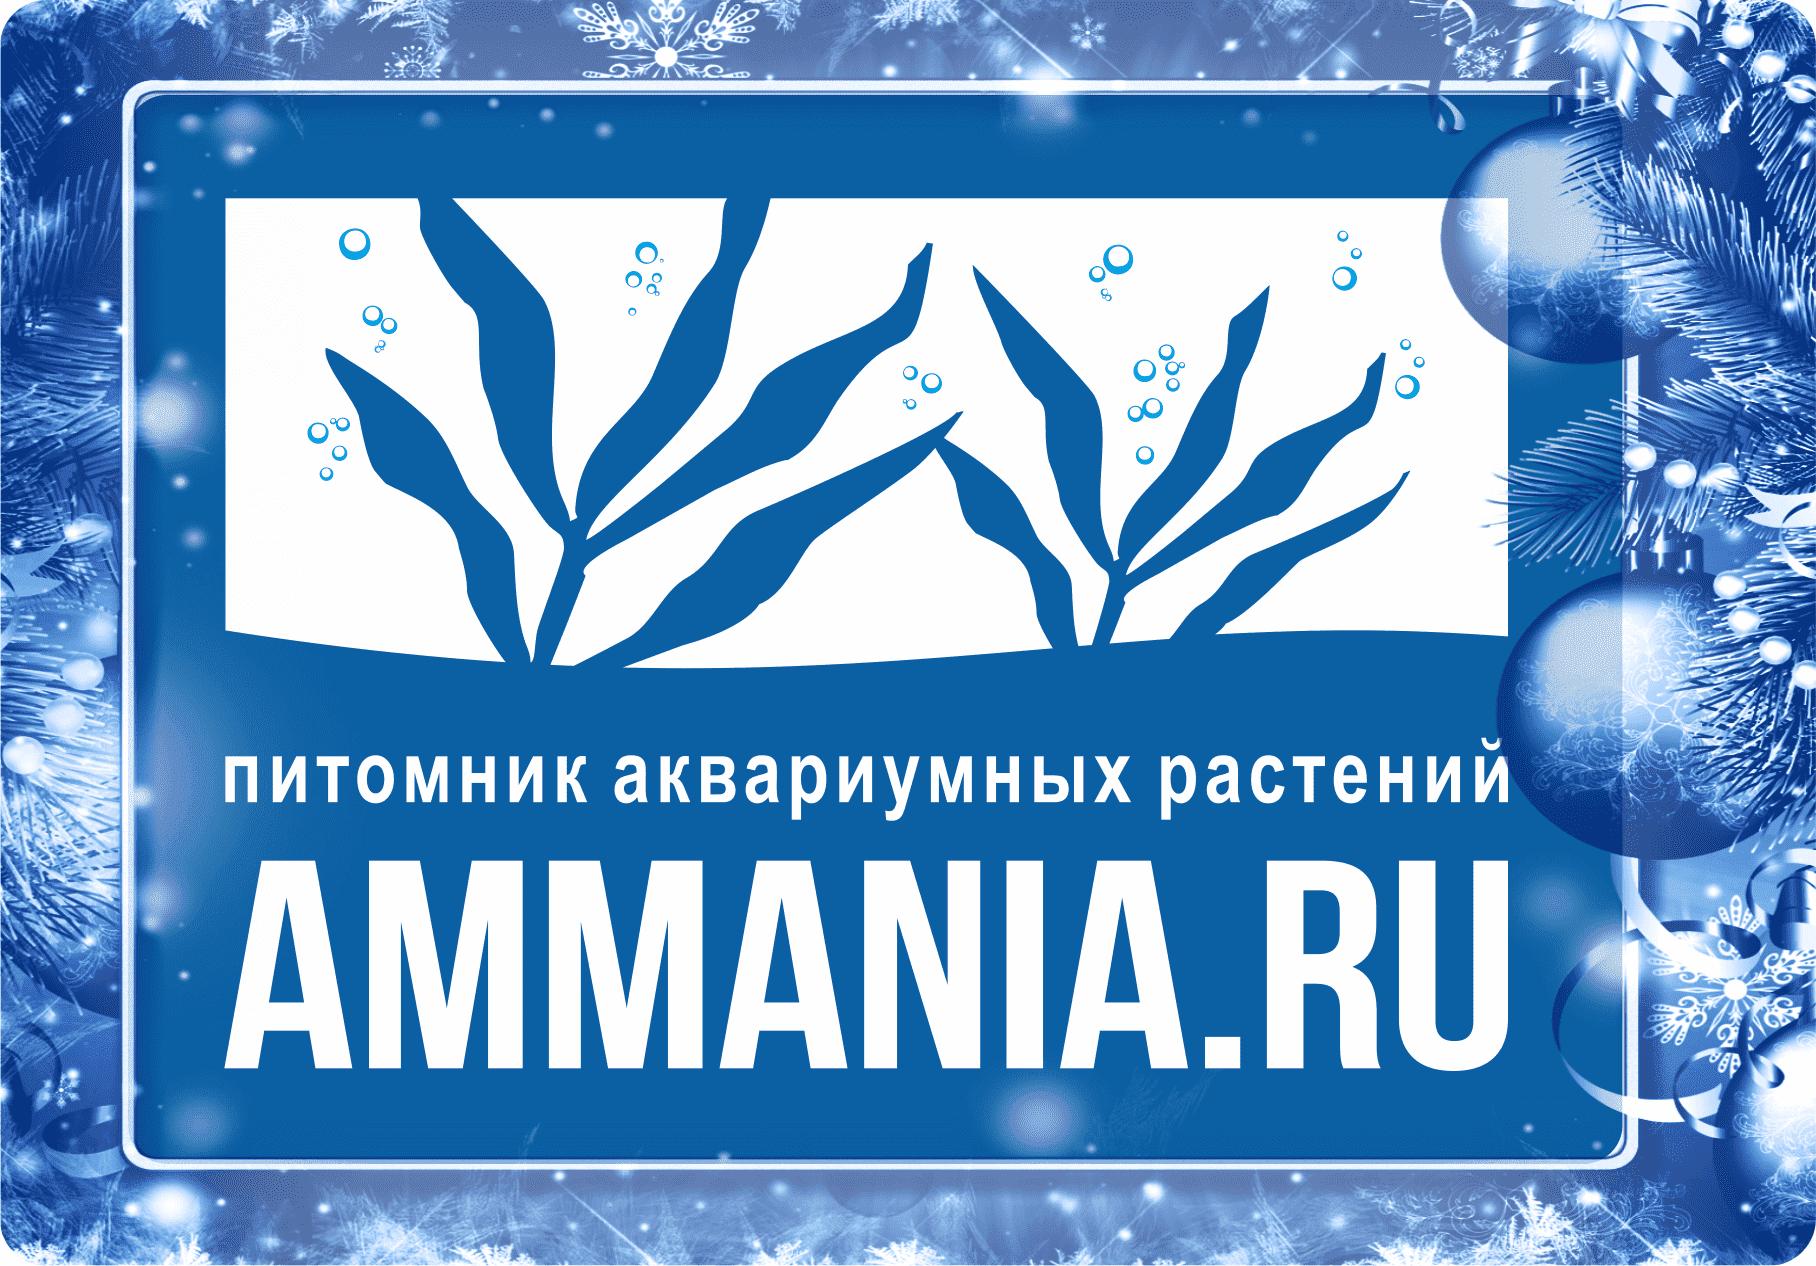 Аммания